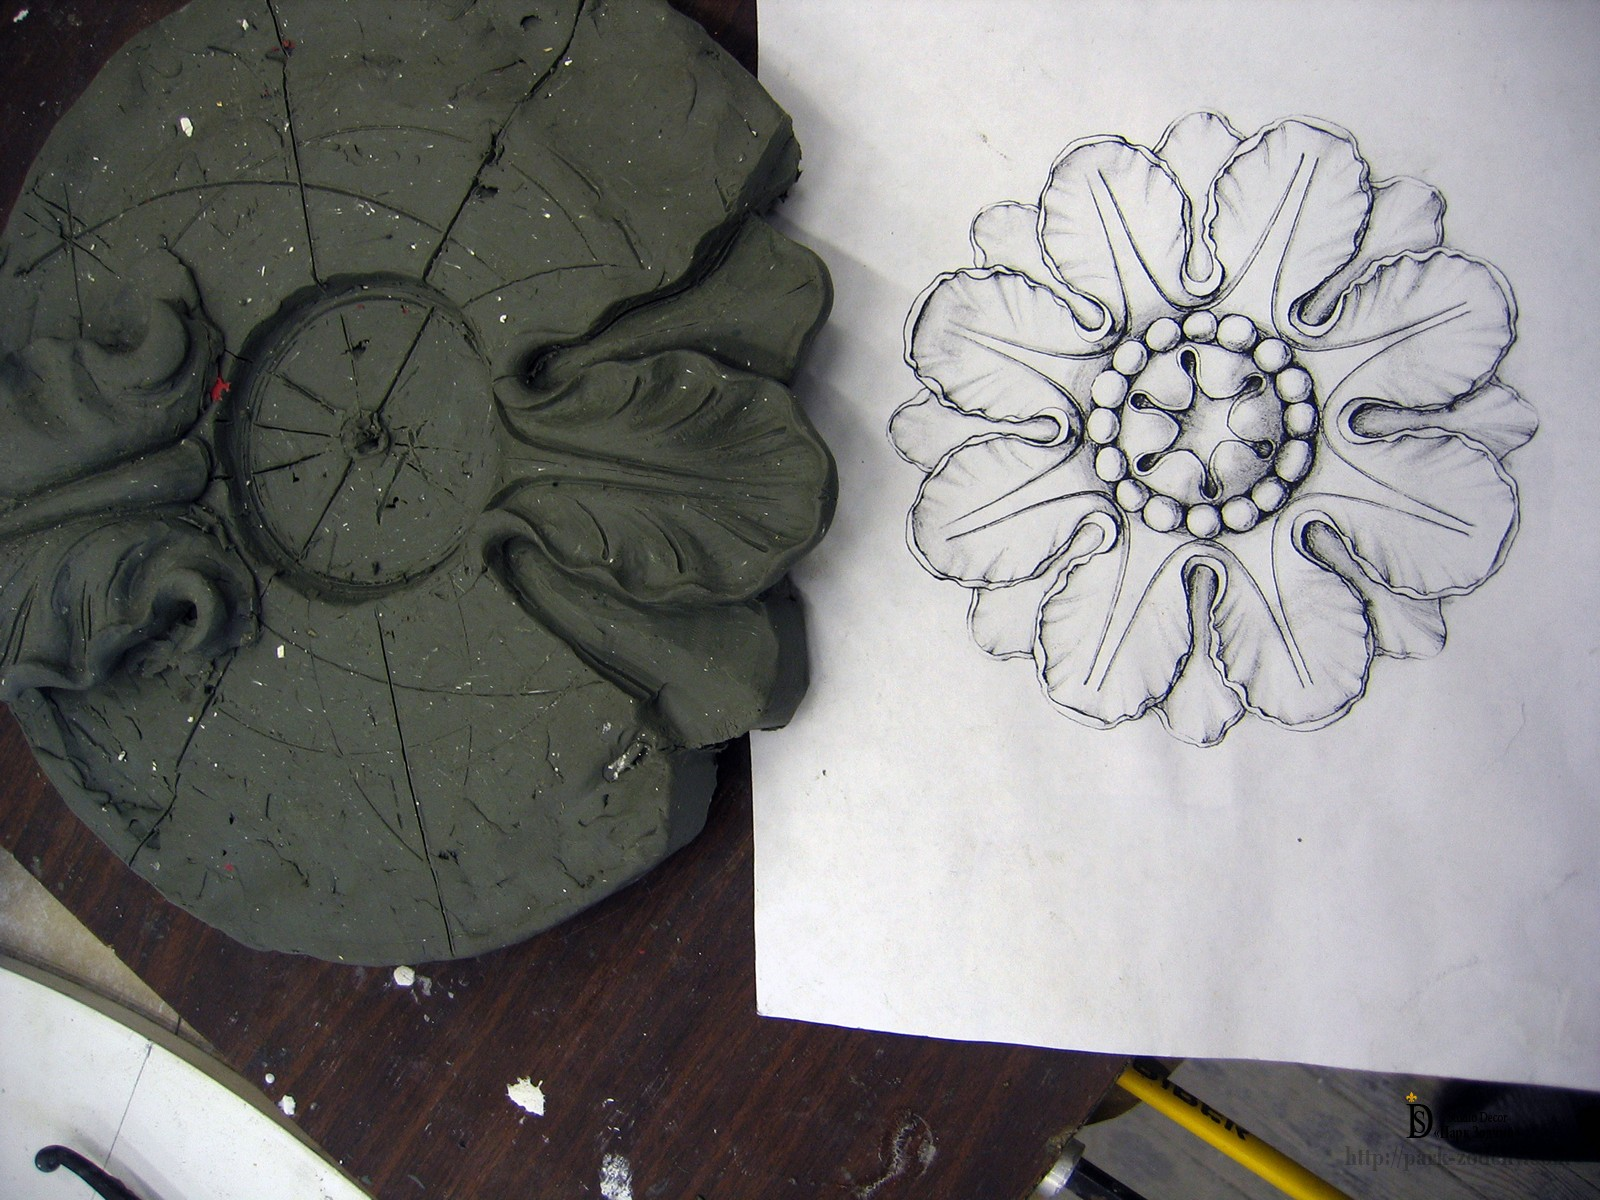 эскиз и модель из пластилина гипсовой лепнины